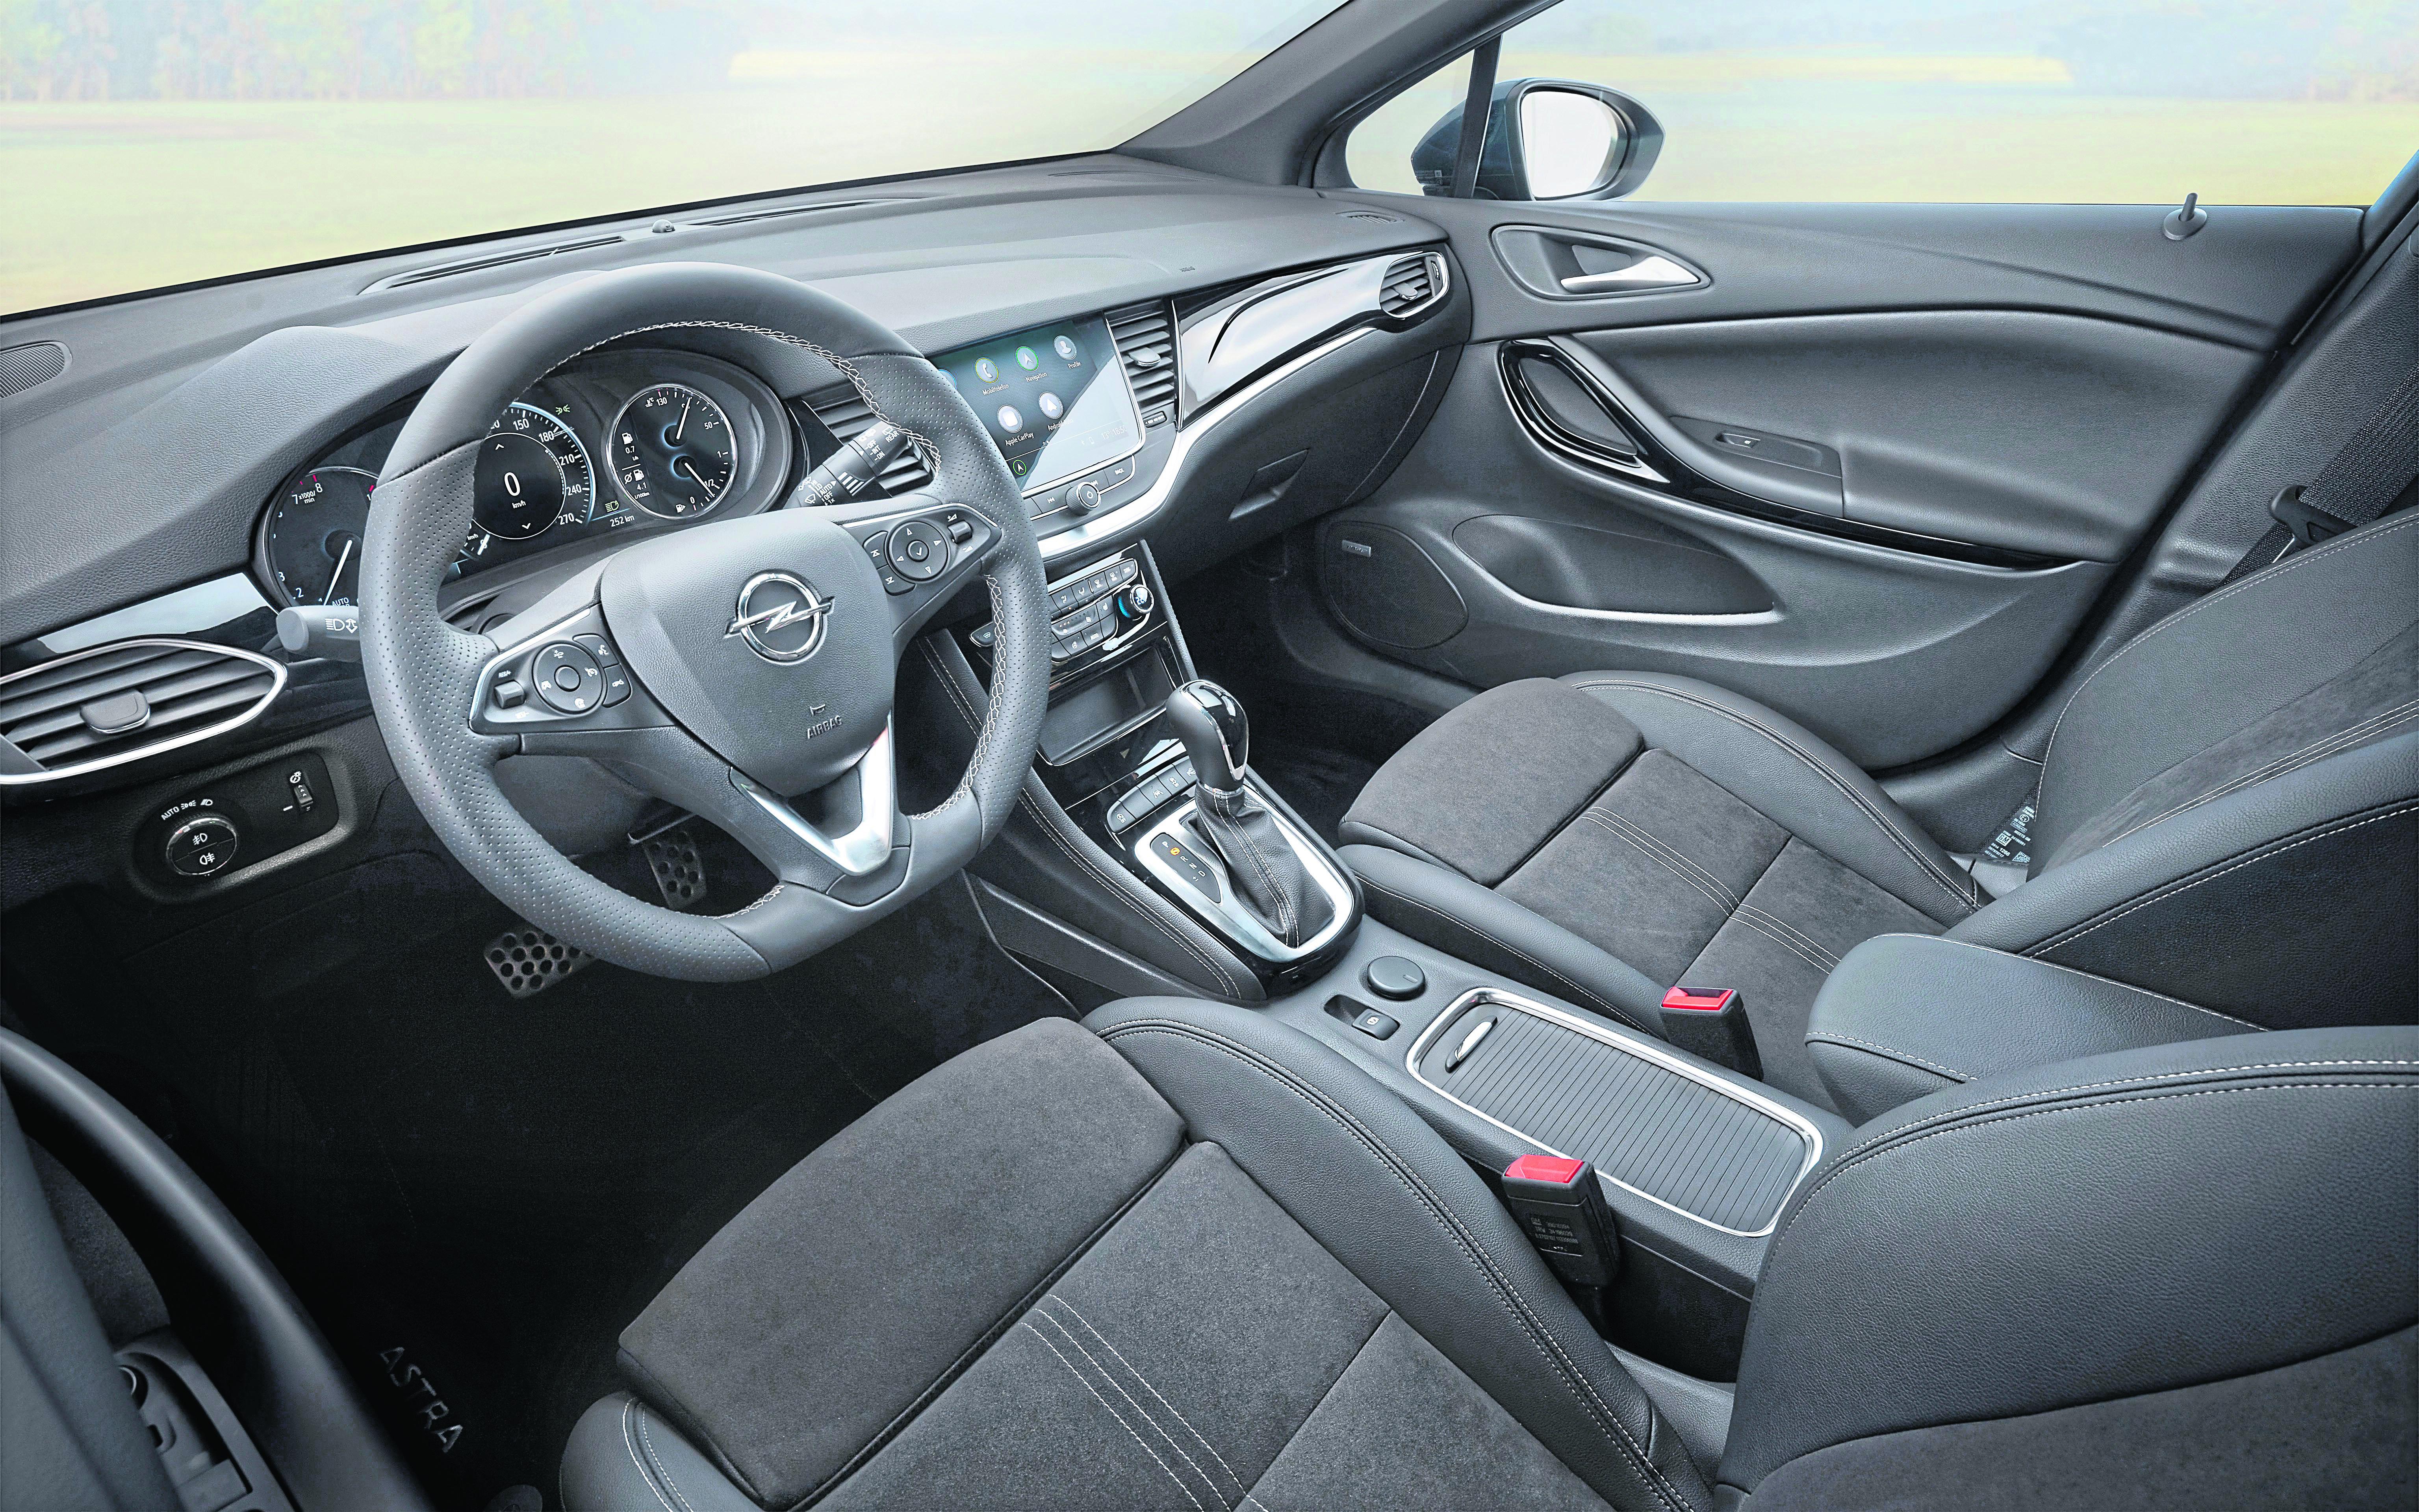 """Zahlreiche starke Features sind in den Astra """"Design & Tech"""" Modellen inklusive. Mit dem Apple CarPlay und Android Auto kompatiblen Multimedia Navi Pro sind Astra-Fahrer bestens vernetzt. Die Innenraumtemperatur lässt sich über die Zwei-Zonen-Klimatisierungsautomatik regeln"""